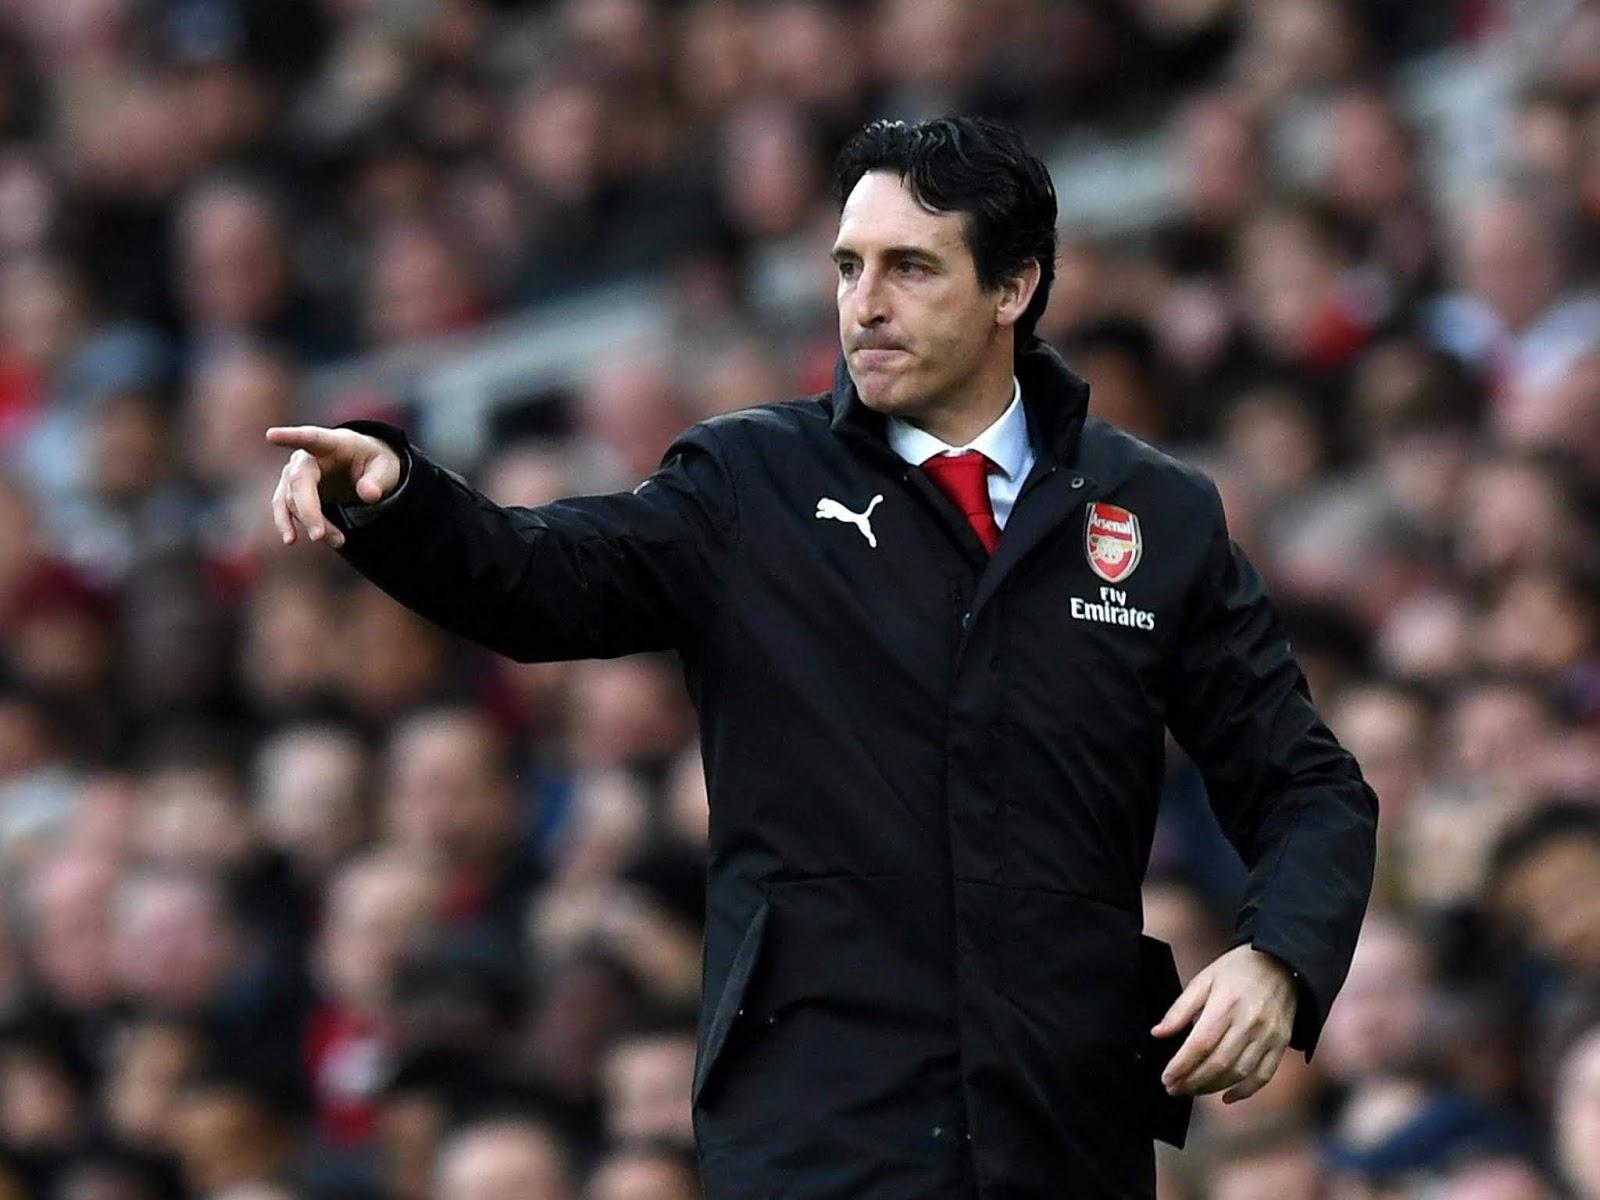 Arsenal coach Unai Emery